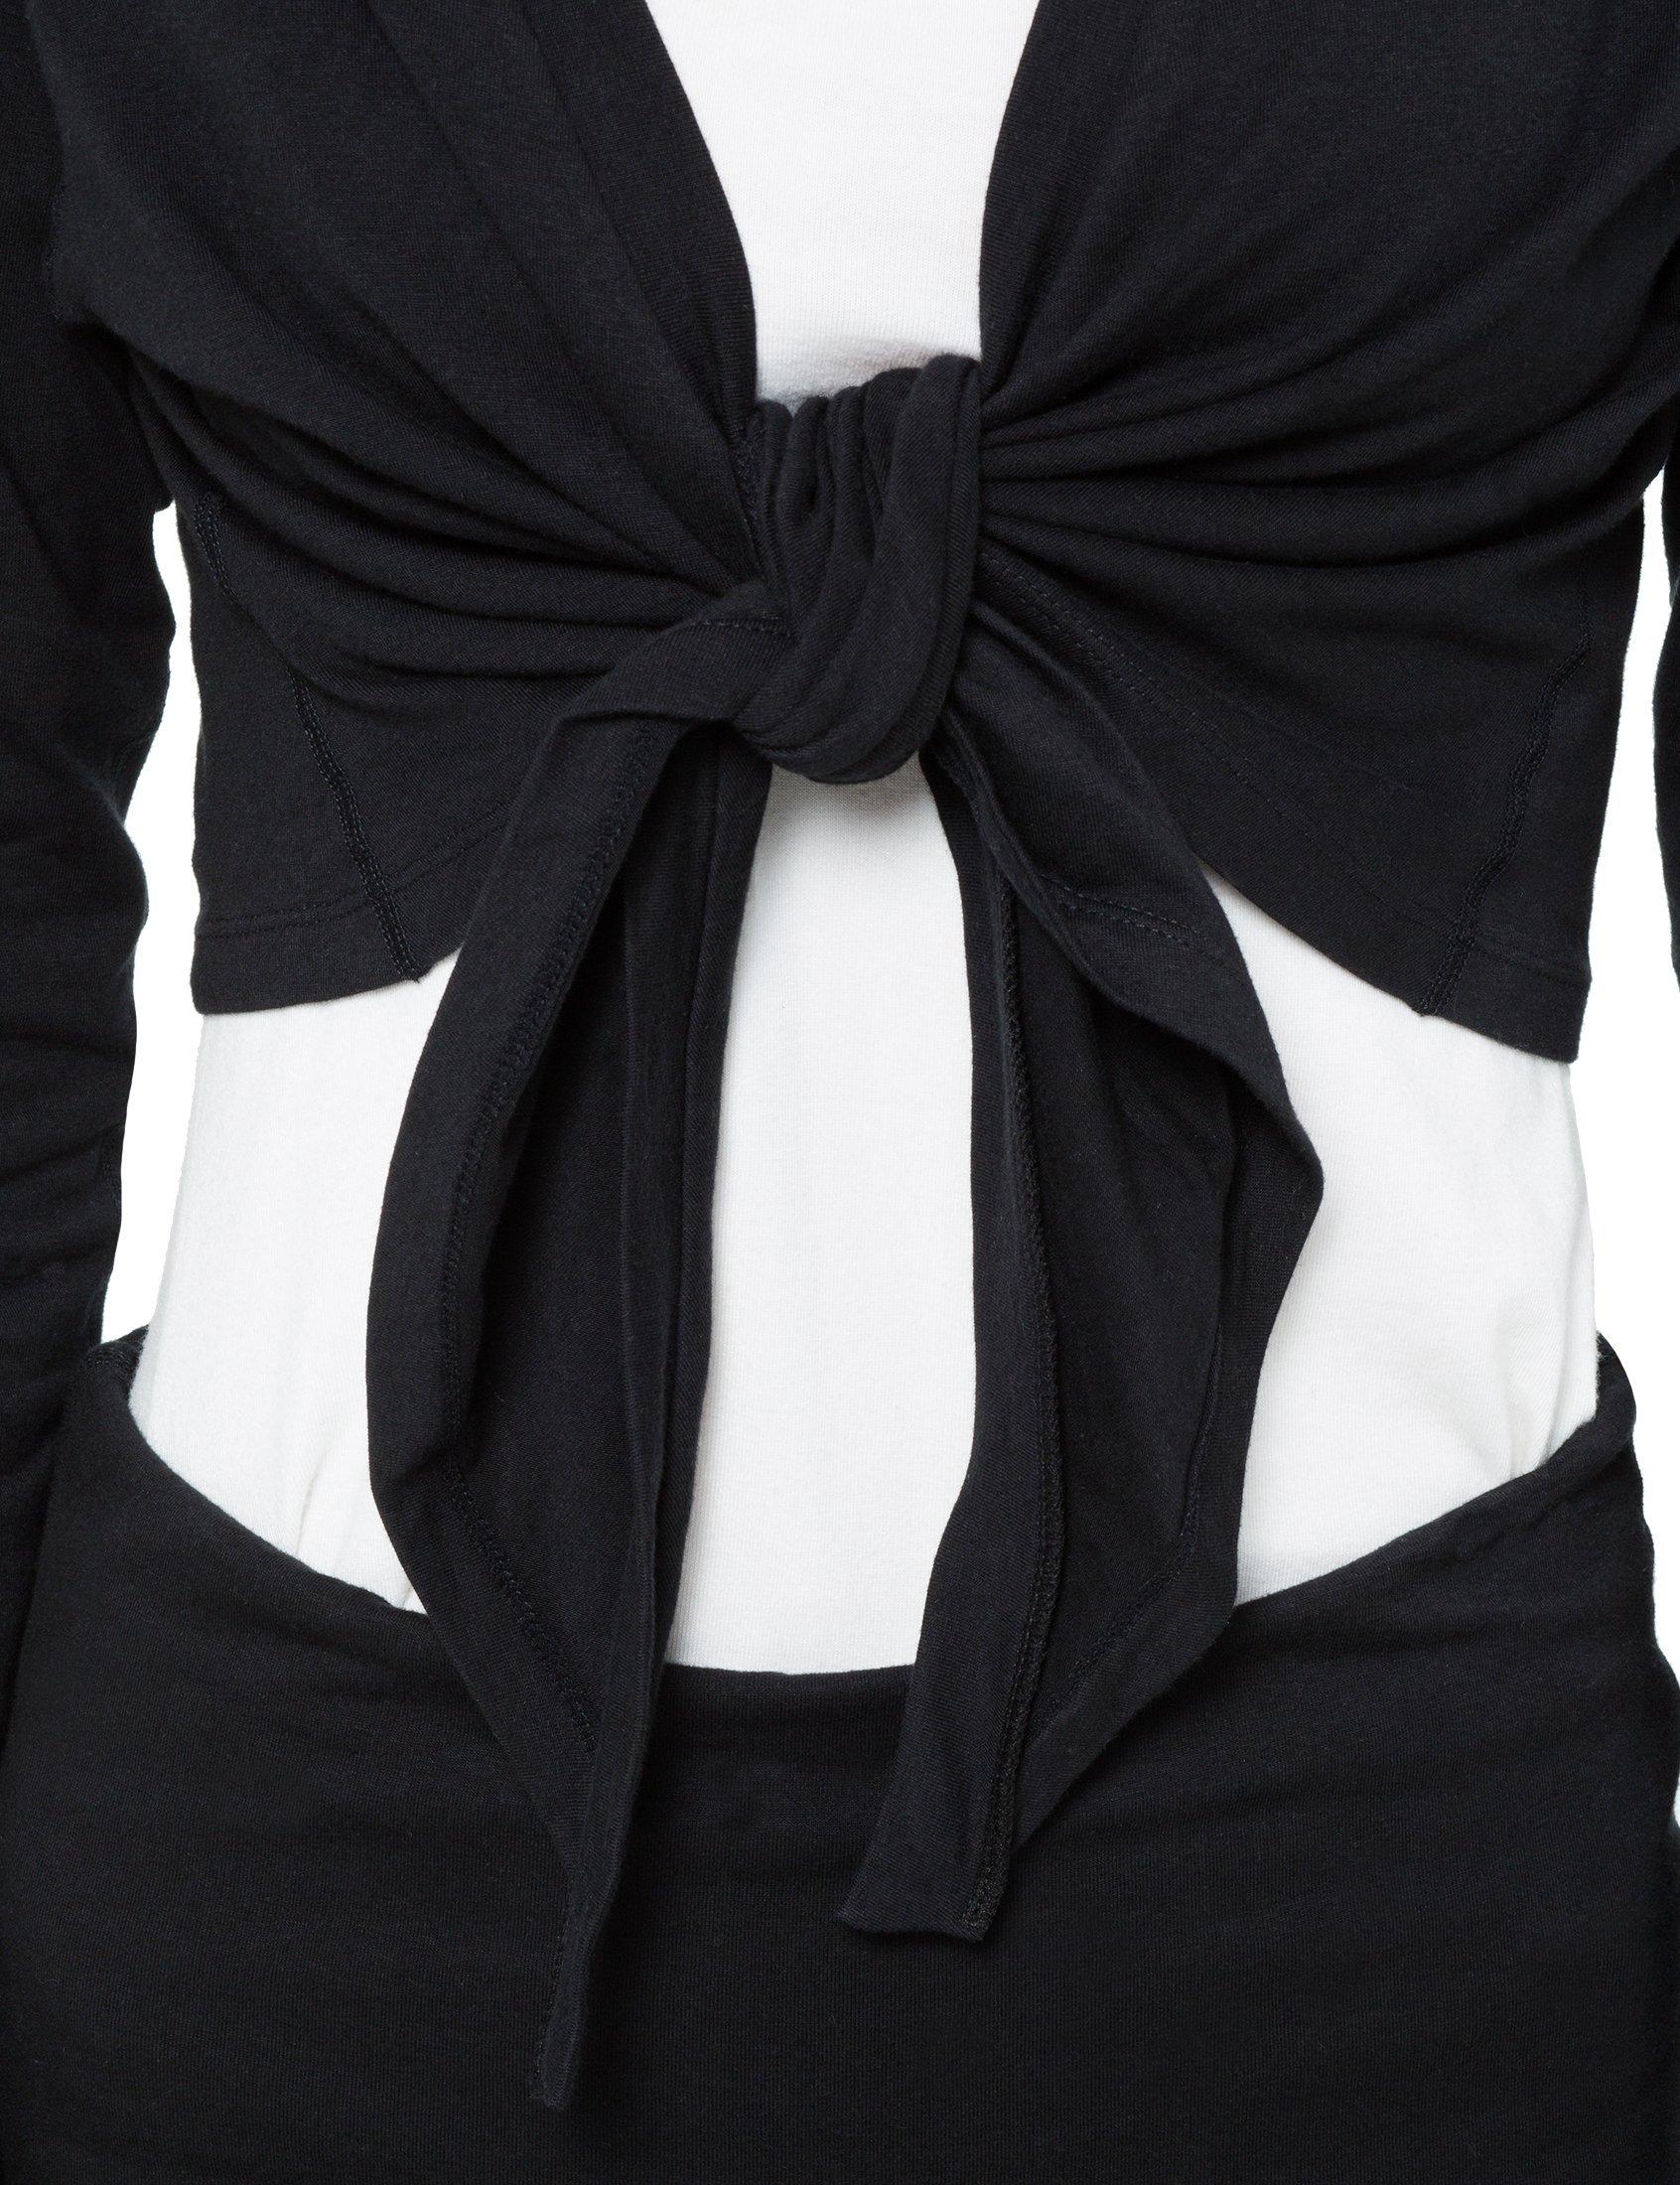 Ultrasport Cache Coeur Pour Danse Classique Et Yoga Gilet Cache Coeur Noir Pour Femme Bolero Noir A Manches Longues Jersey Veste Bolero Noire Ultrasport France Nr 1 Marque